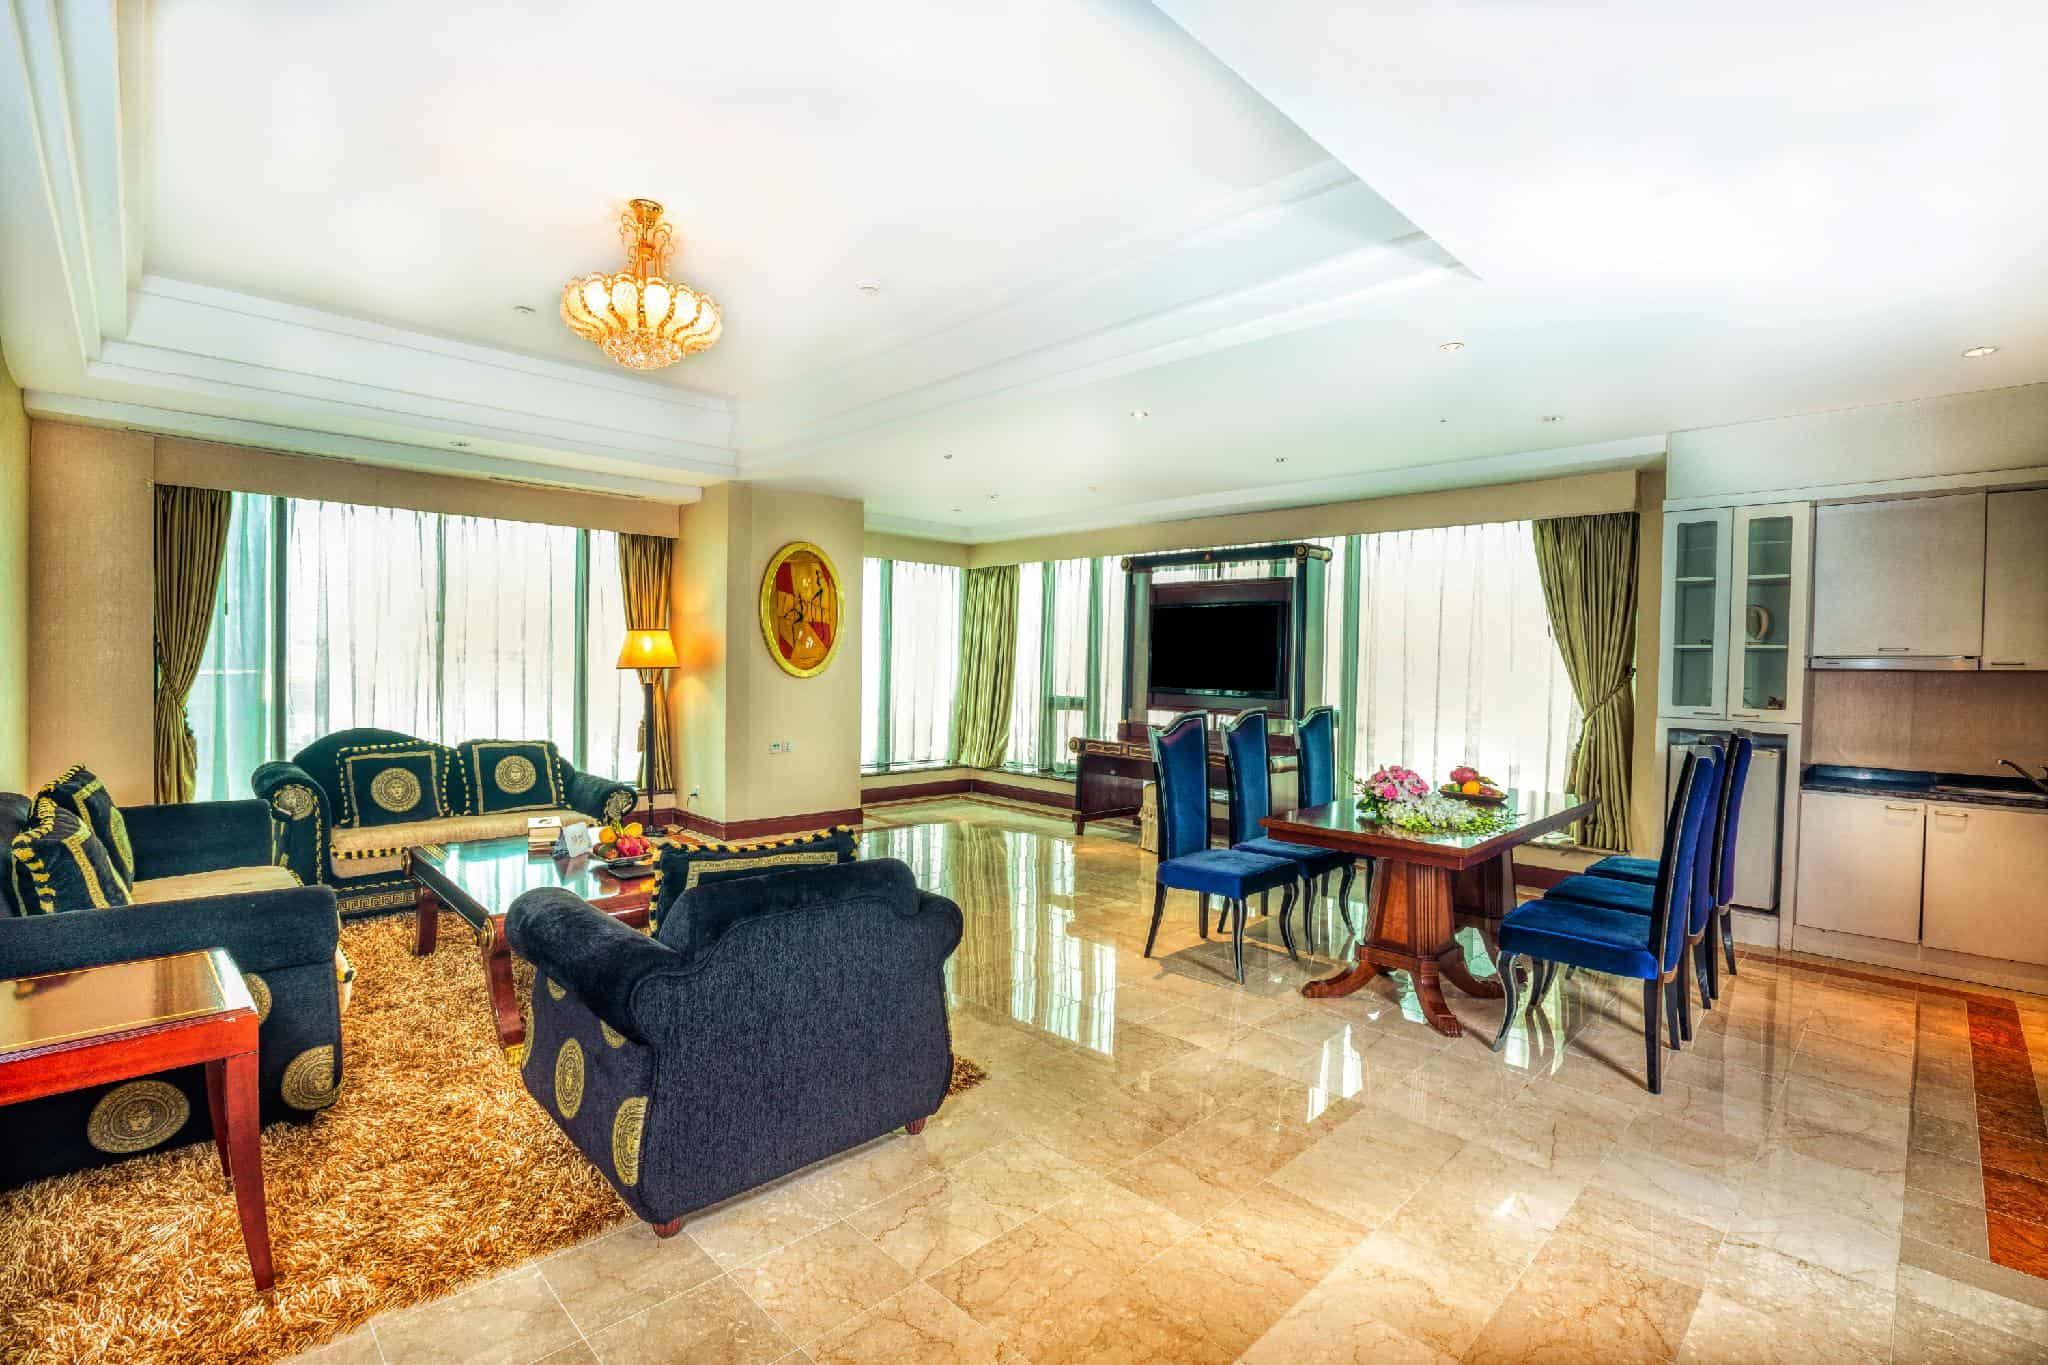 Phòng Suite với nhiều sự lựa chọn, có diện tích lớn - Nguồn ảnh: Internet